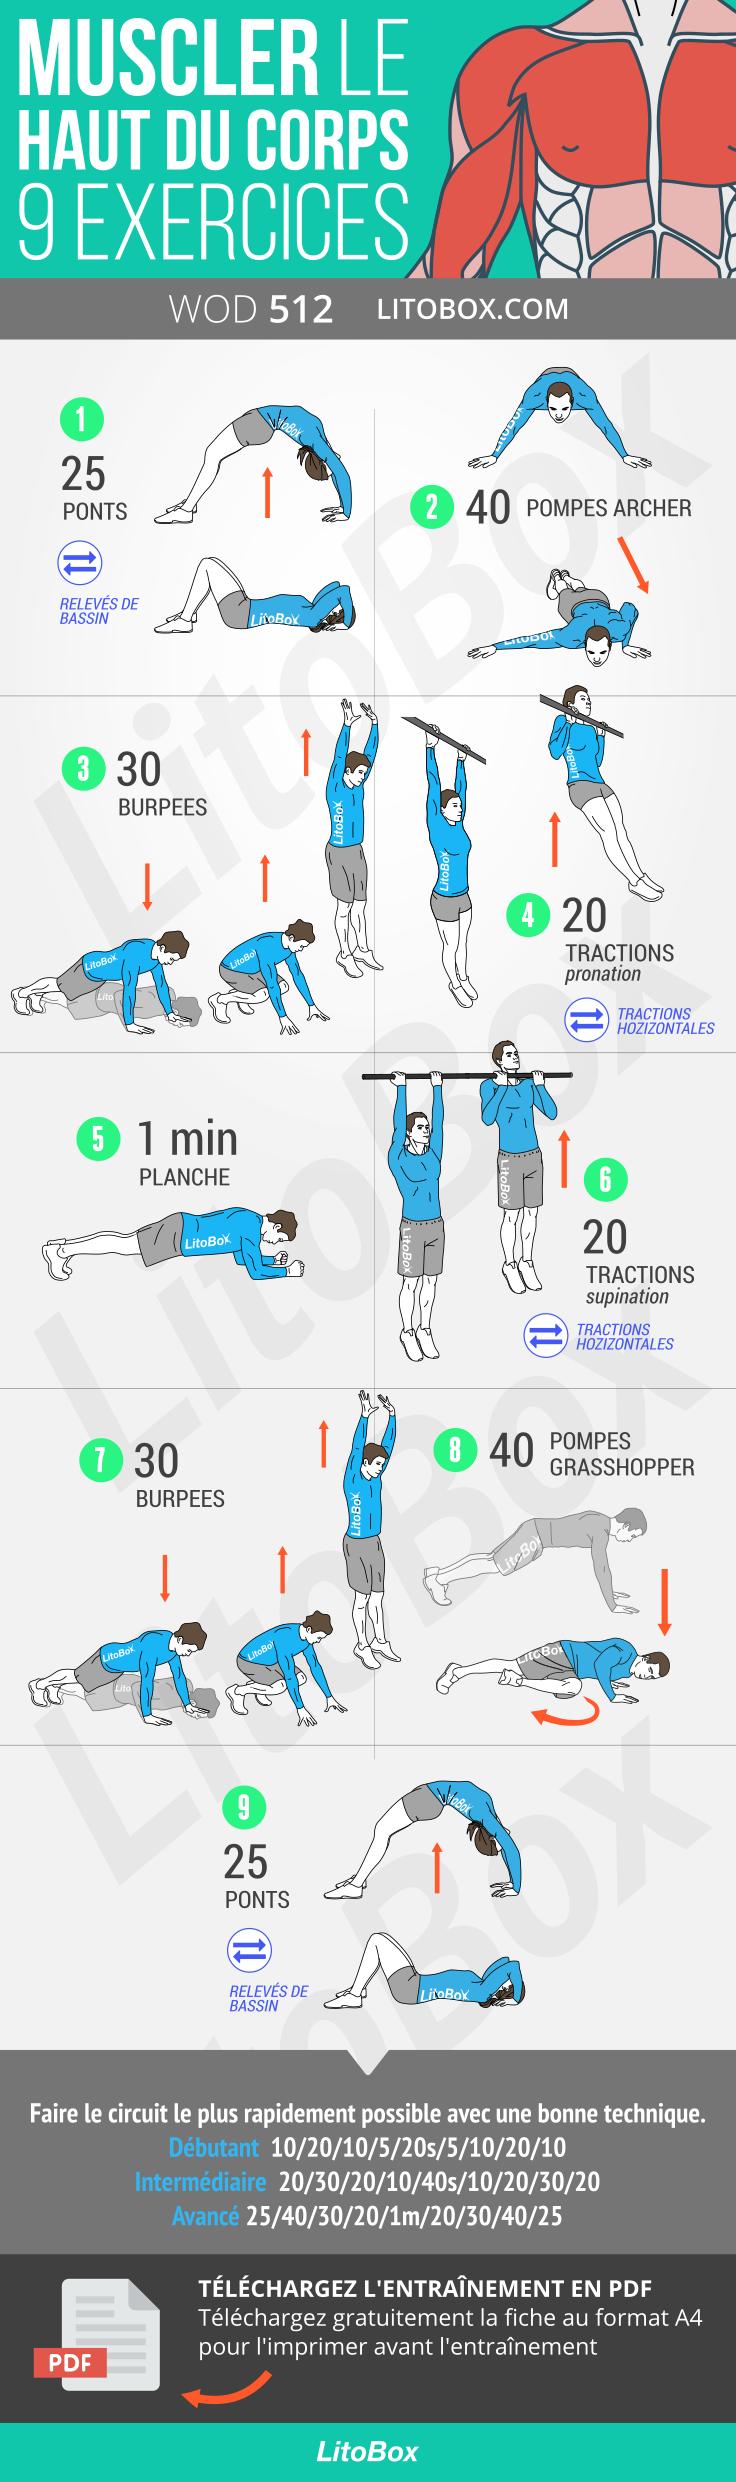 Comment se muscler sans trop d'effort?